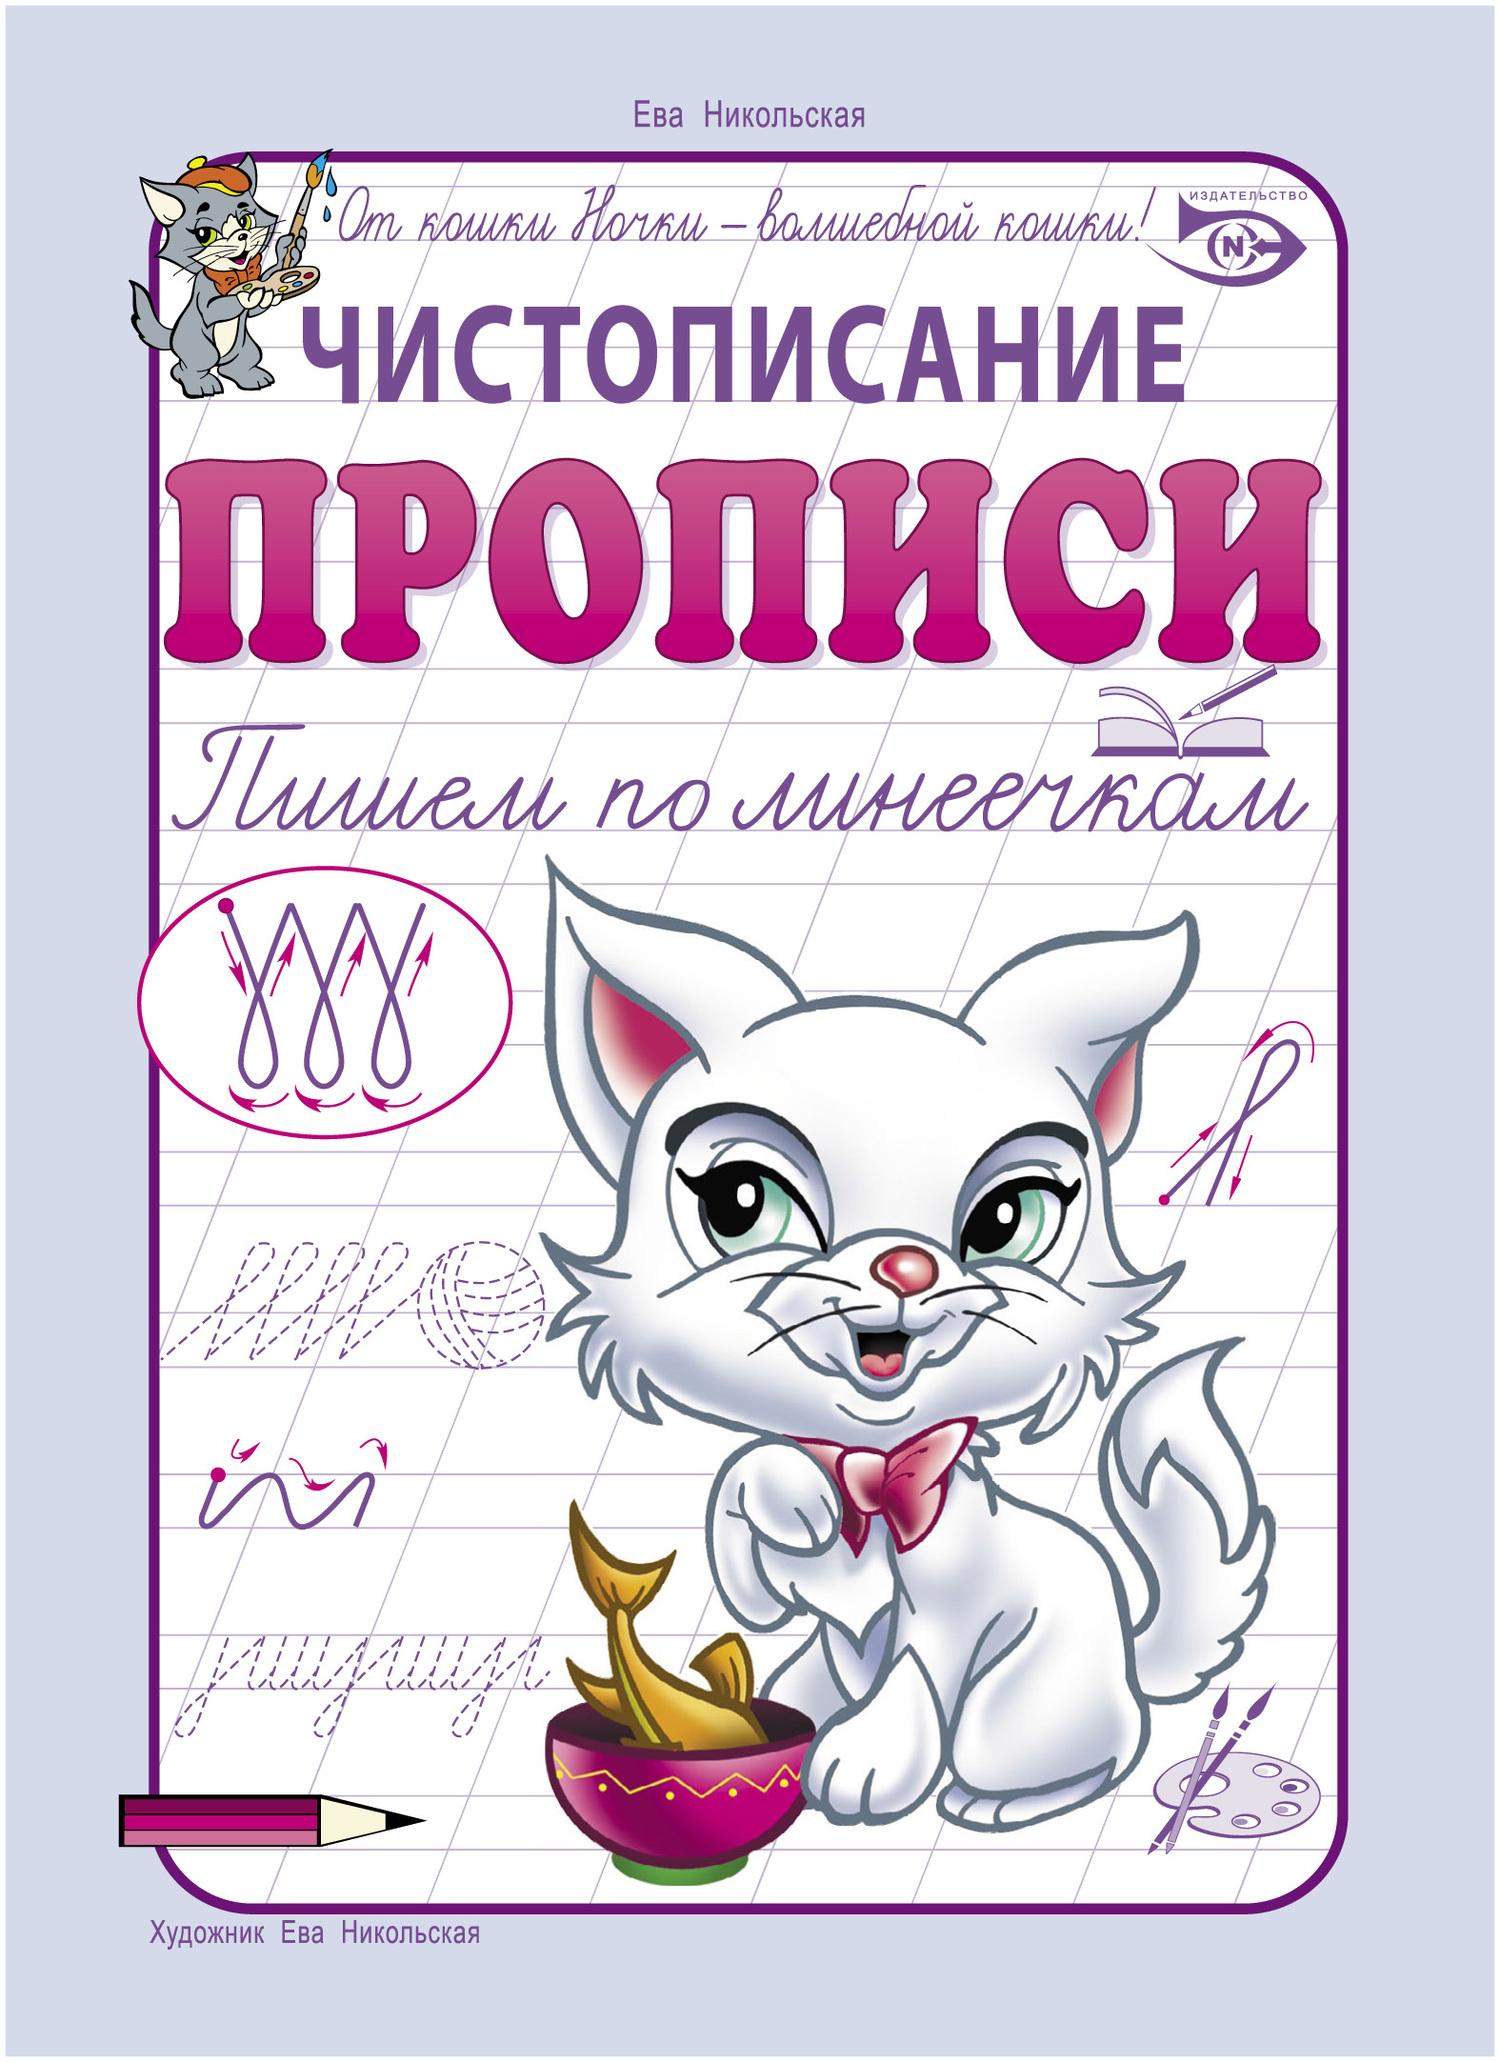 Ева Никольская, книга Чистописание. Прописи. Пишем по ...